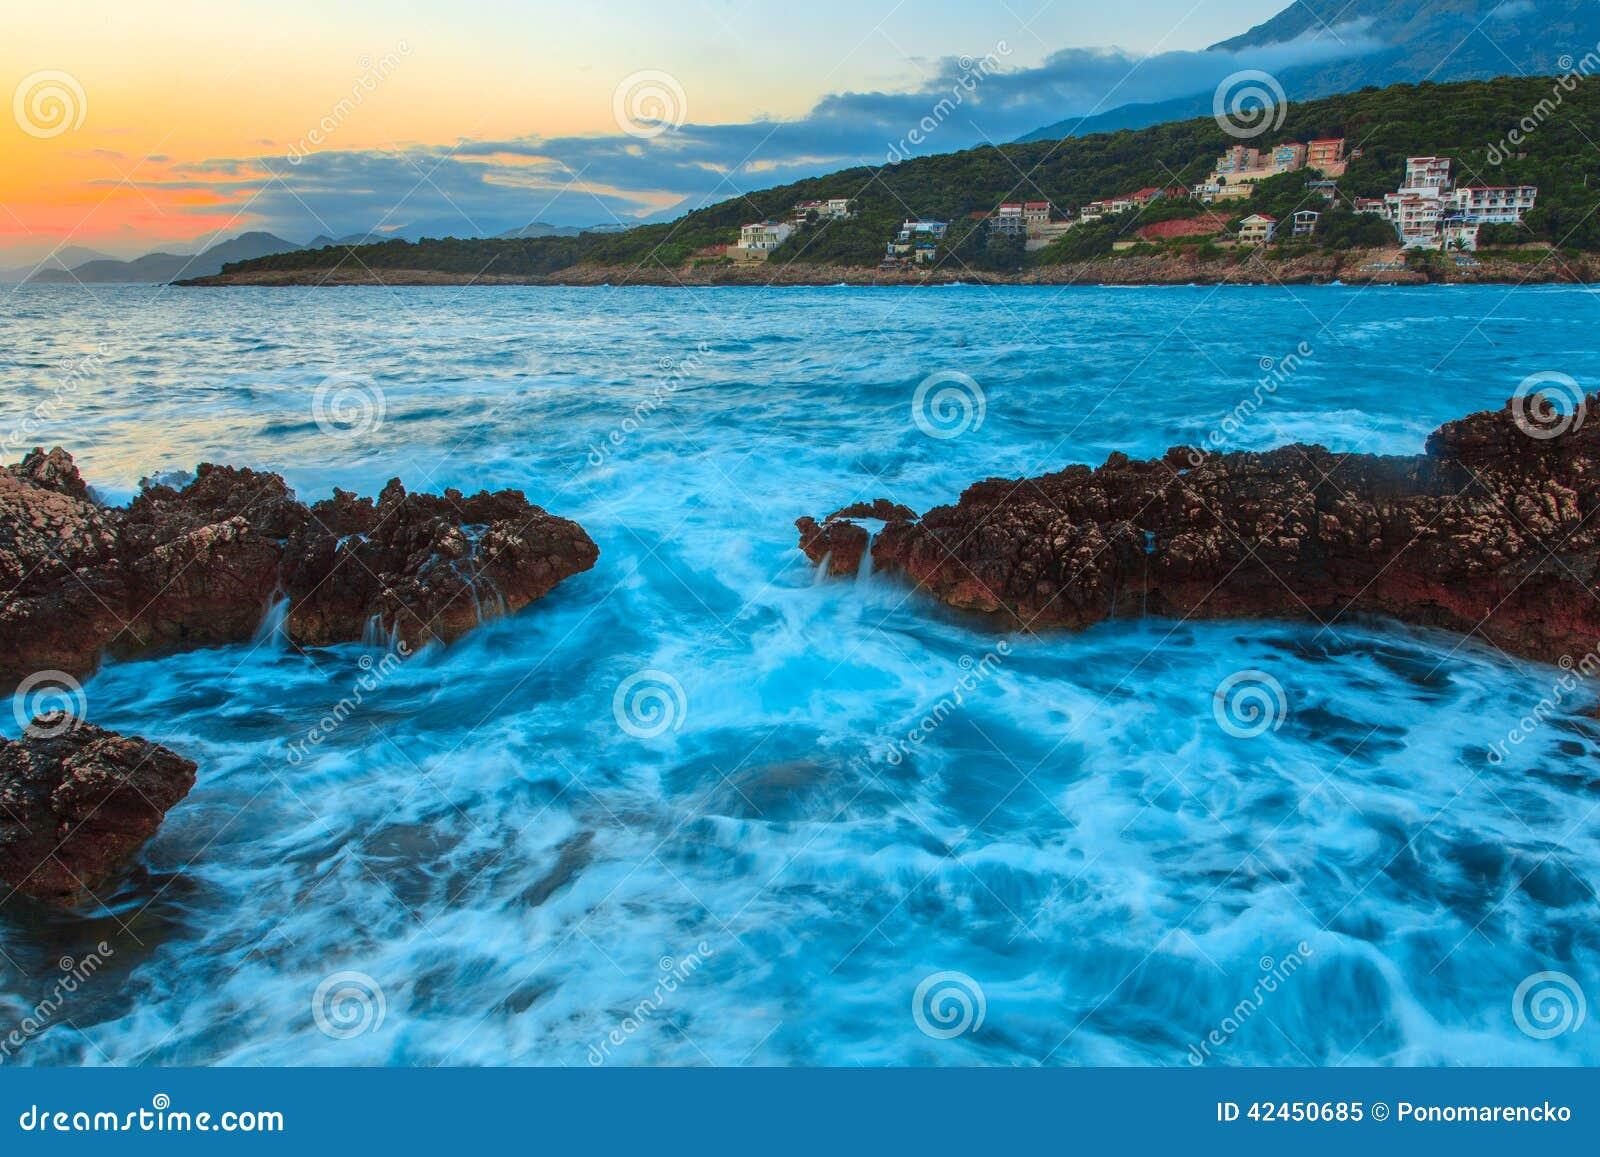 Felsen und ihre Reflexion im Meer bei Sonnenaufgang